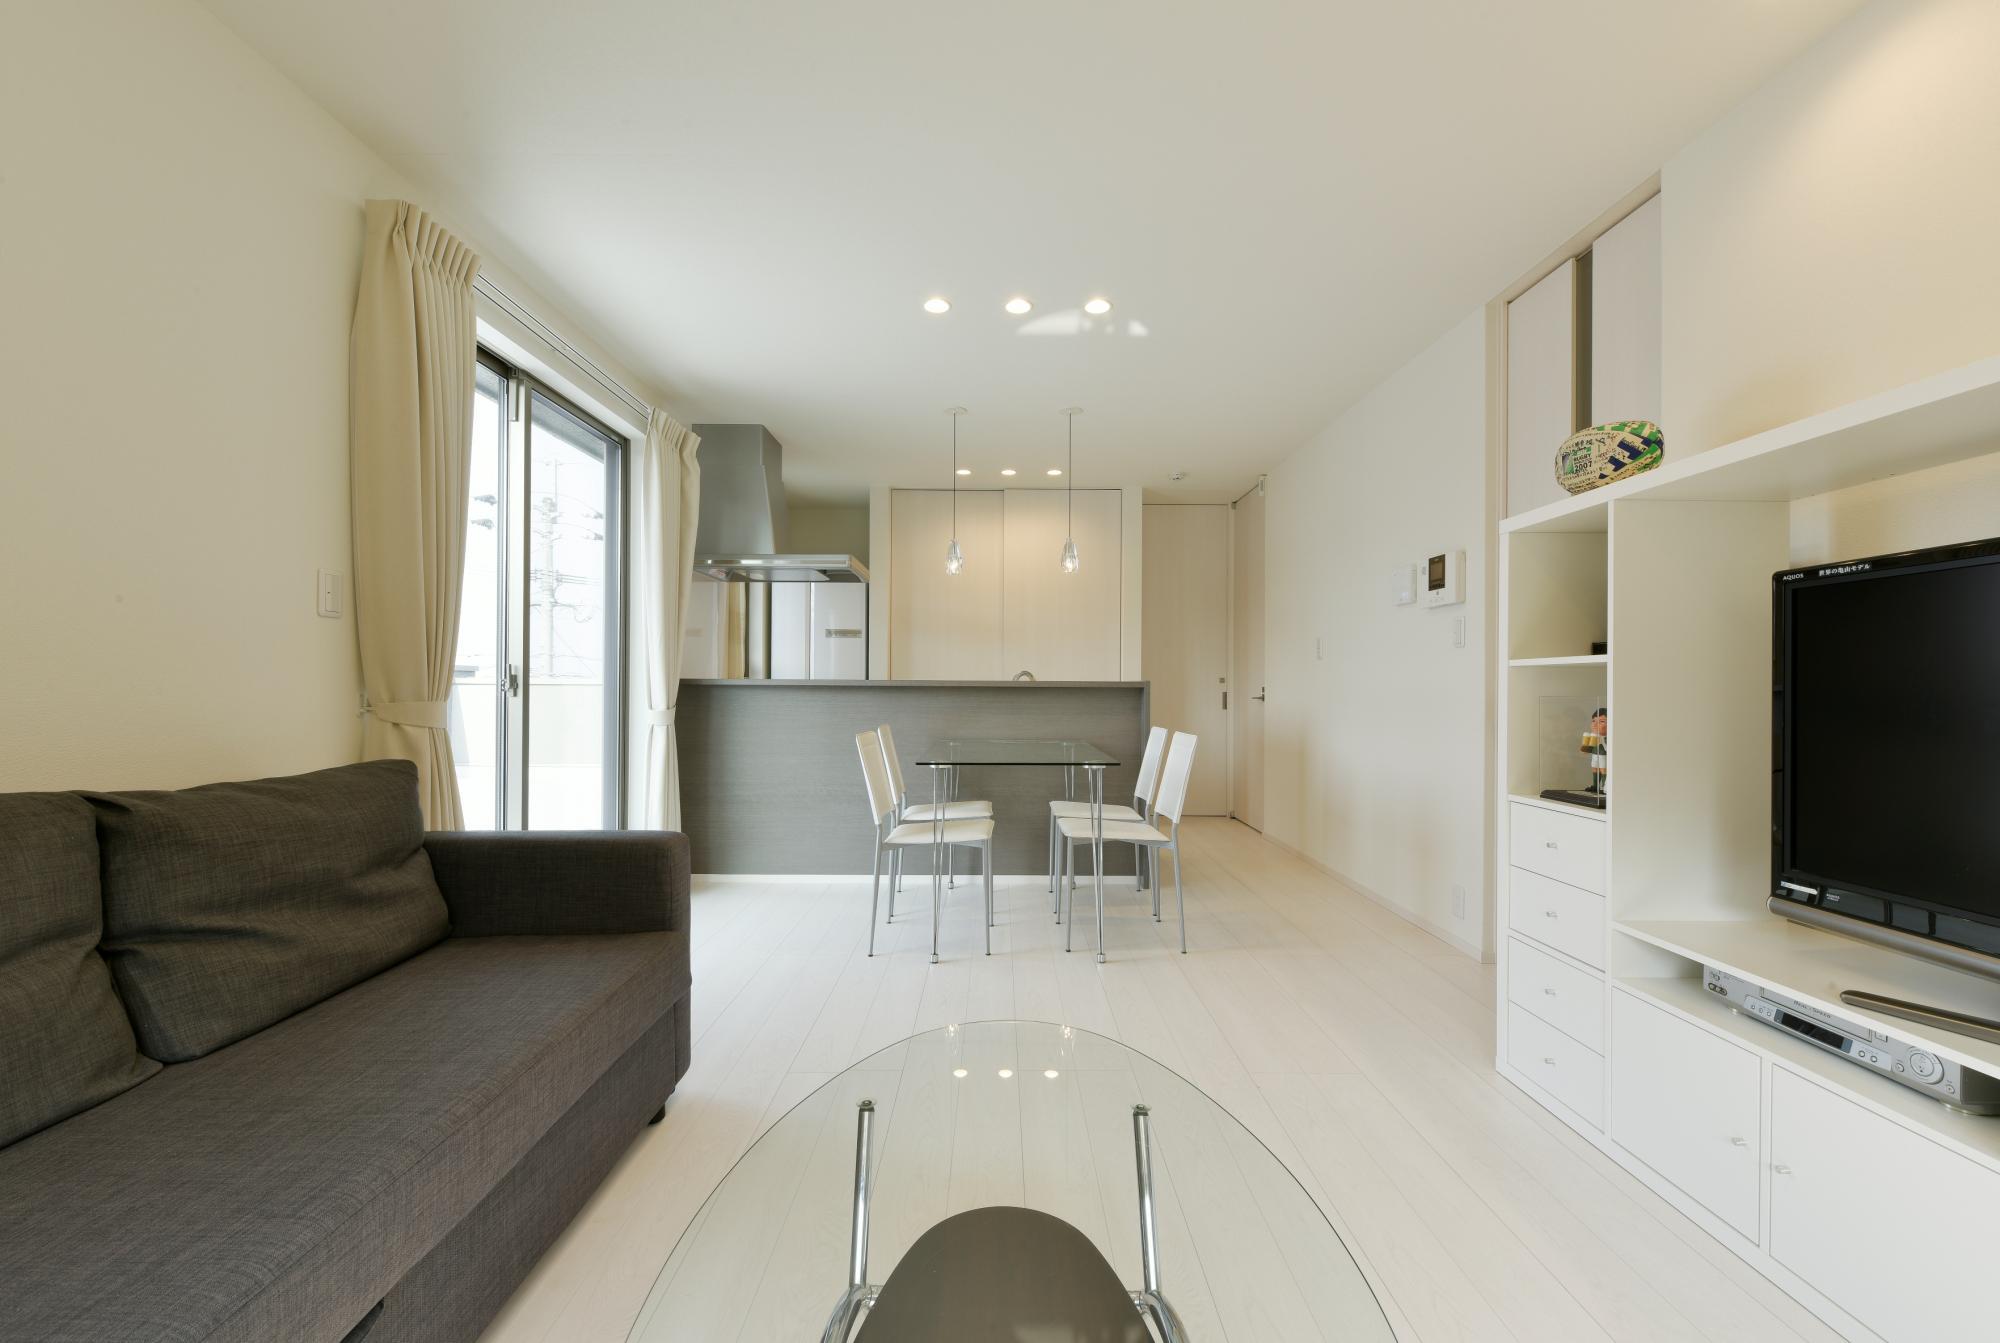 2階のLDは床も壁もすべて白で統一して明るい室内とした。